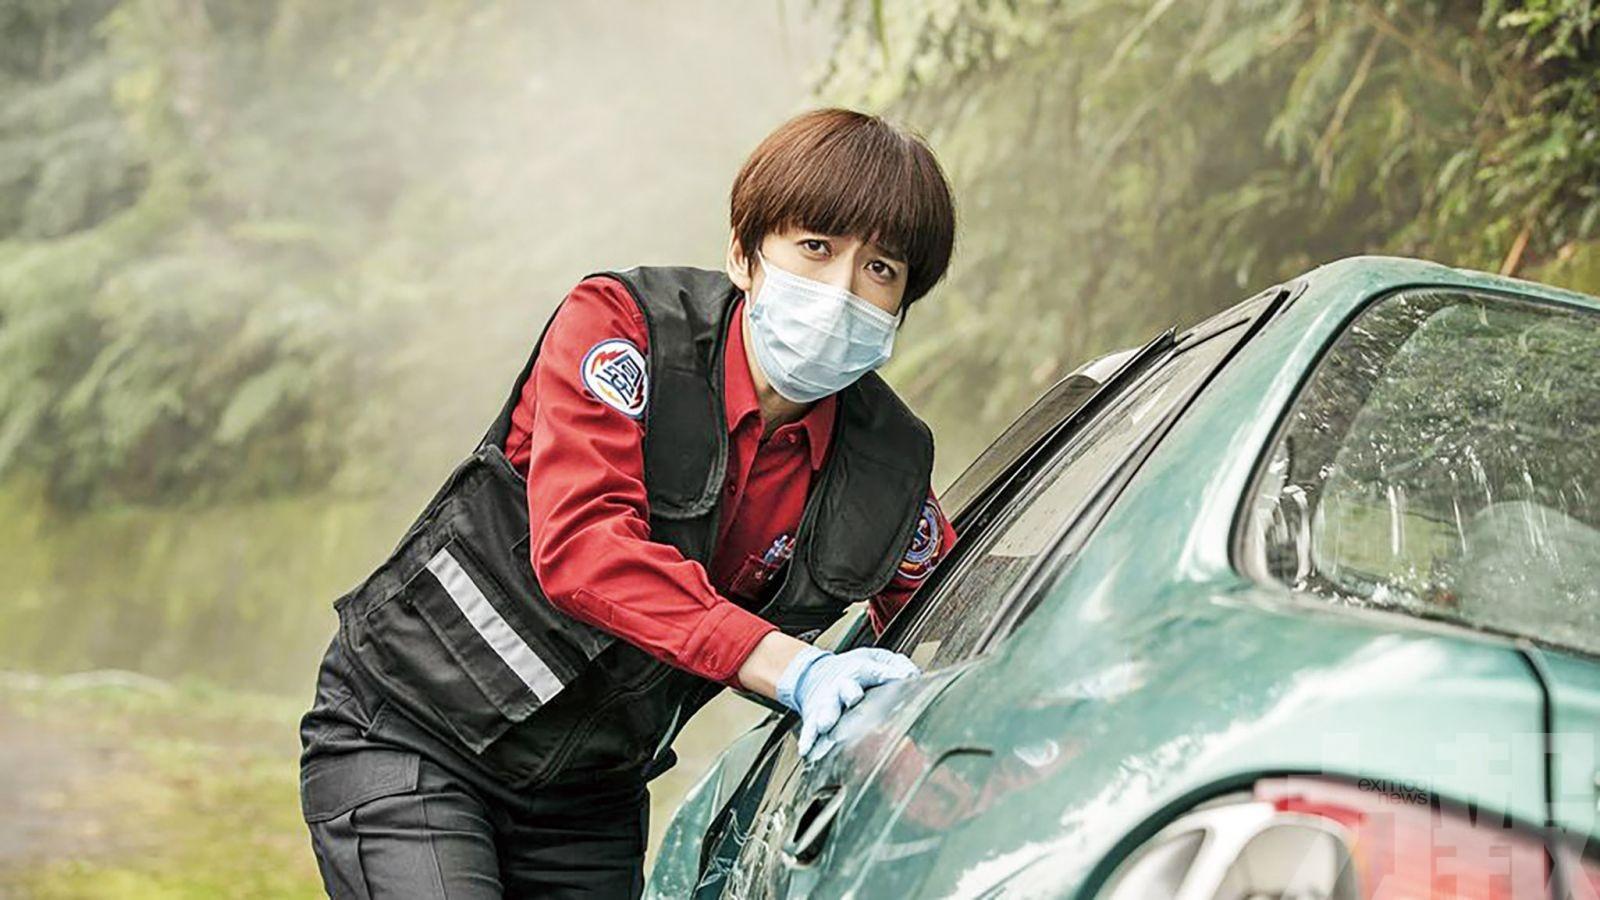 溫昇豪化身型爆消防員揭辛酸史